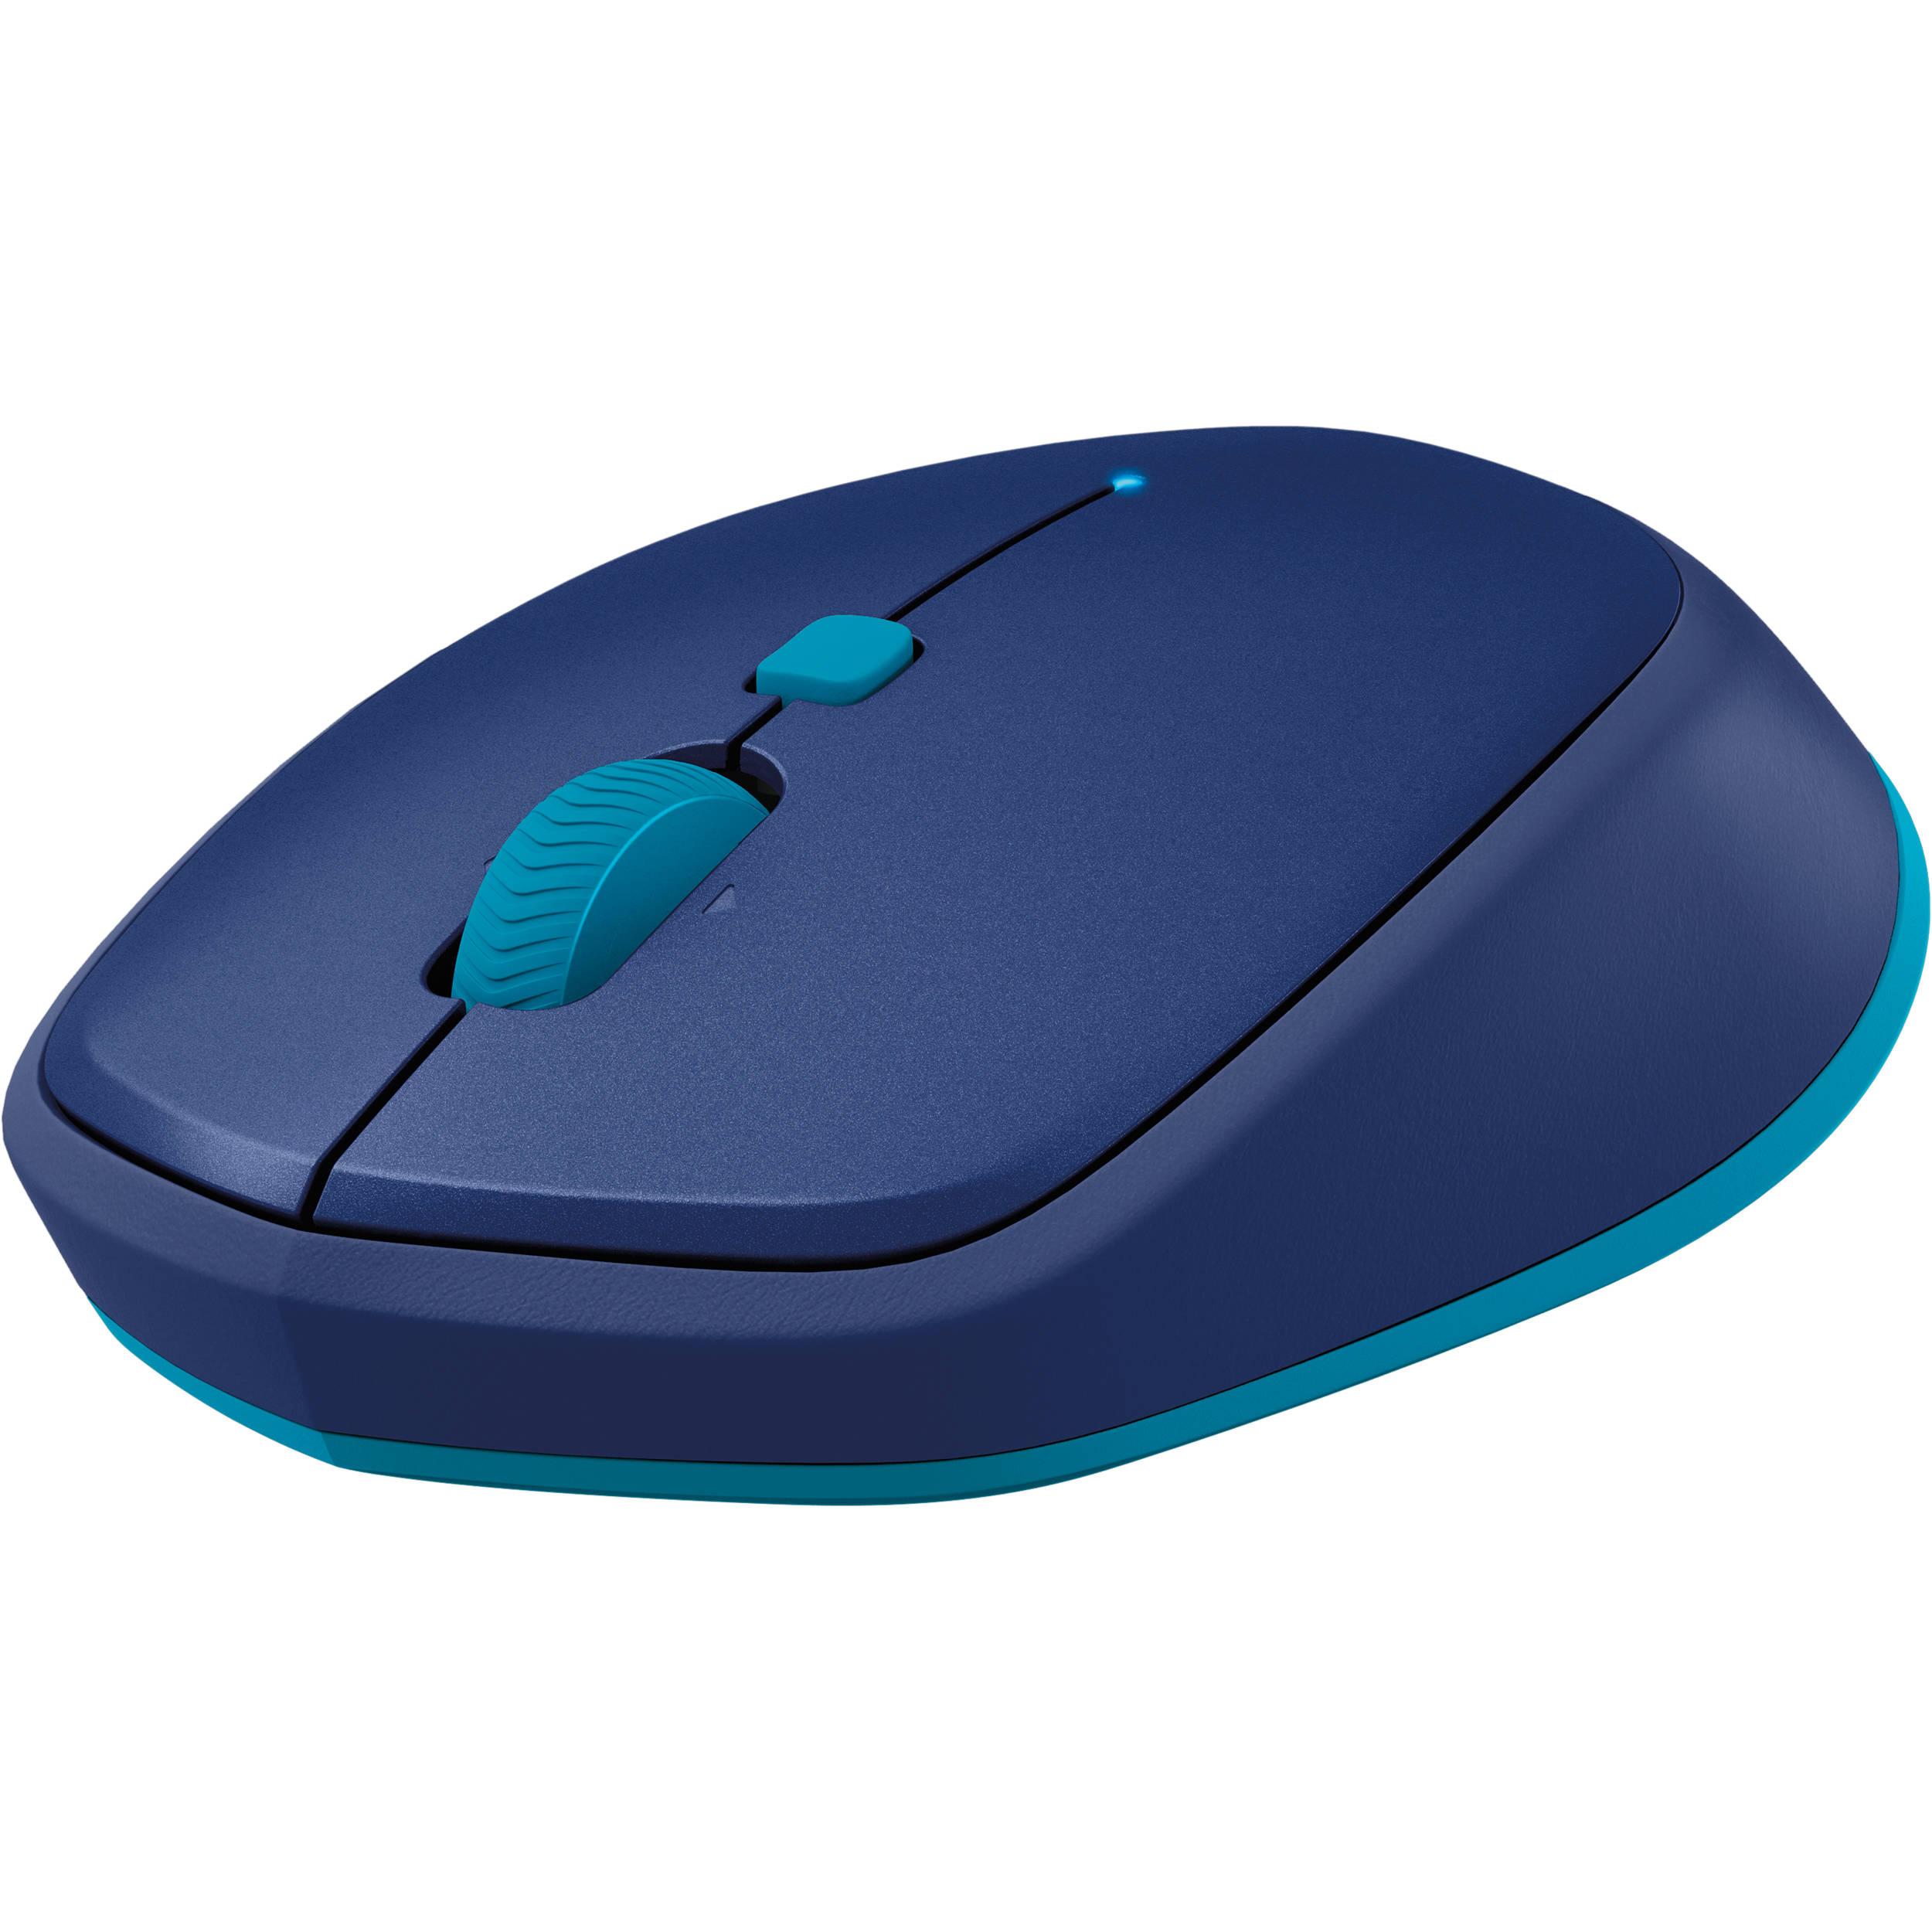 863c1e9a8dc Logitech M535 Bluetooth Mouse (Blue) 910-004529 B&H Photo Video